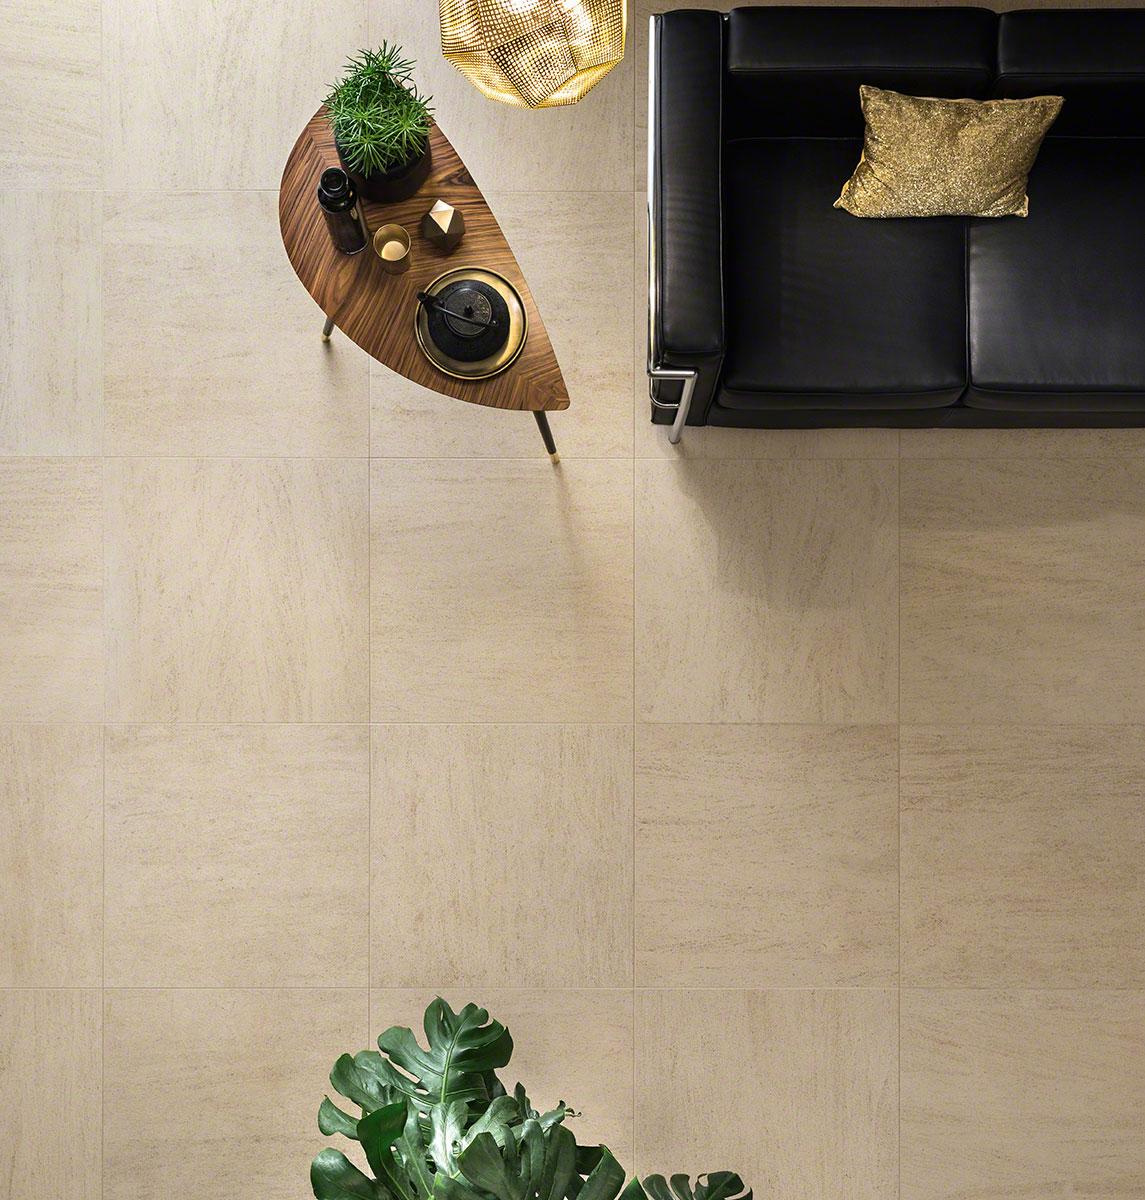 beige porcelain tile livingstyle collection tile flooring